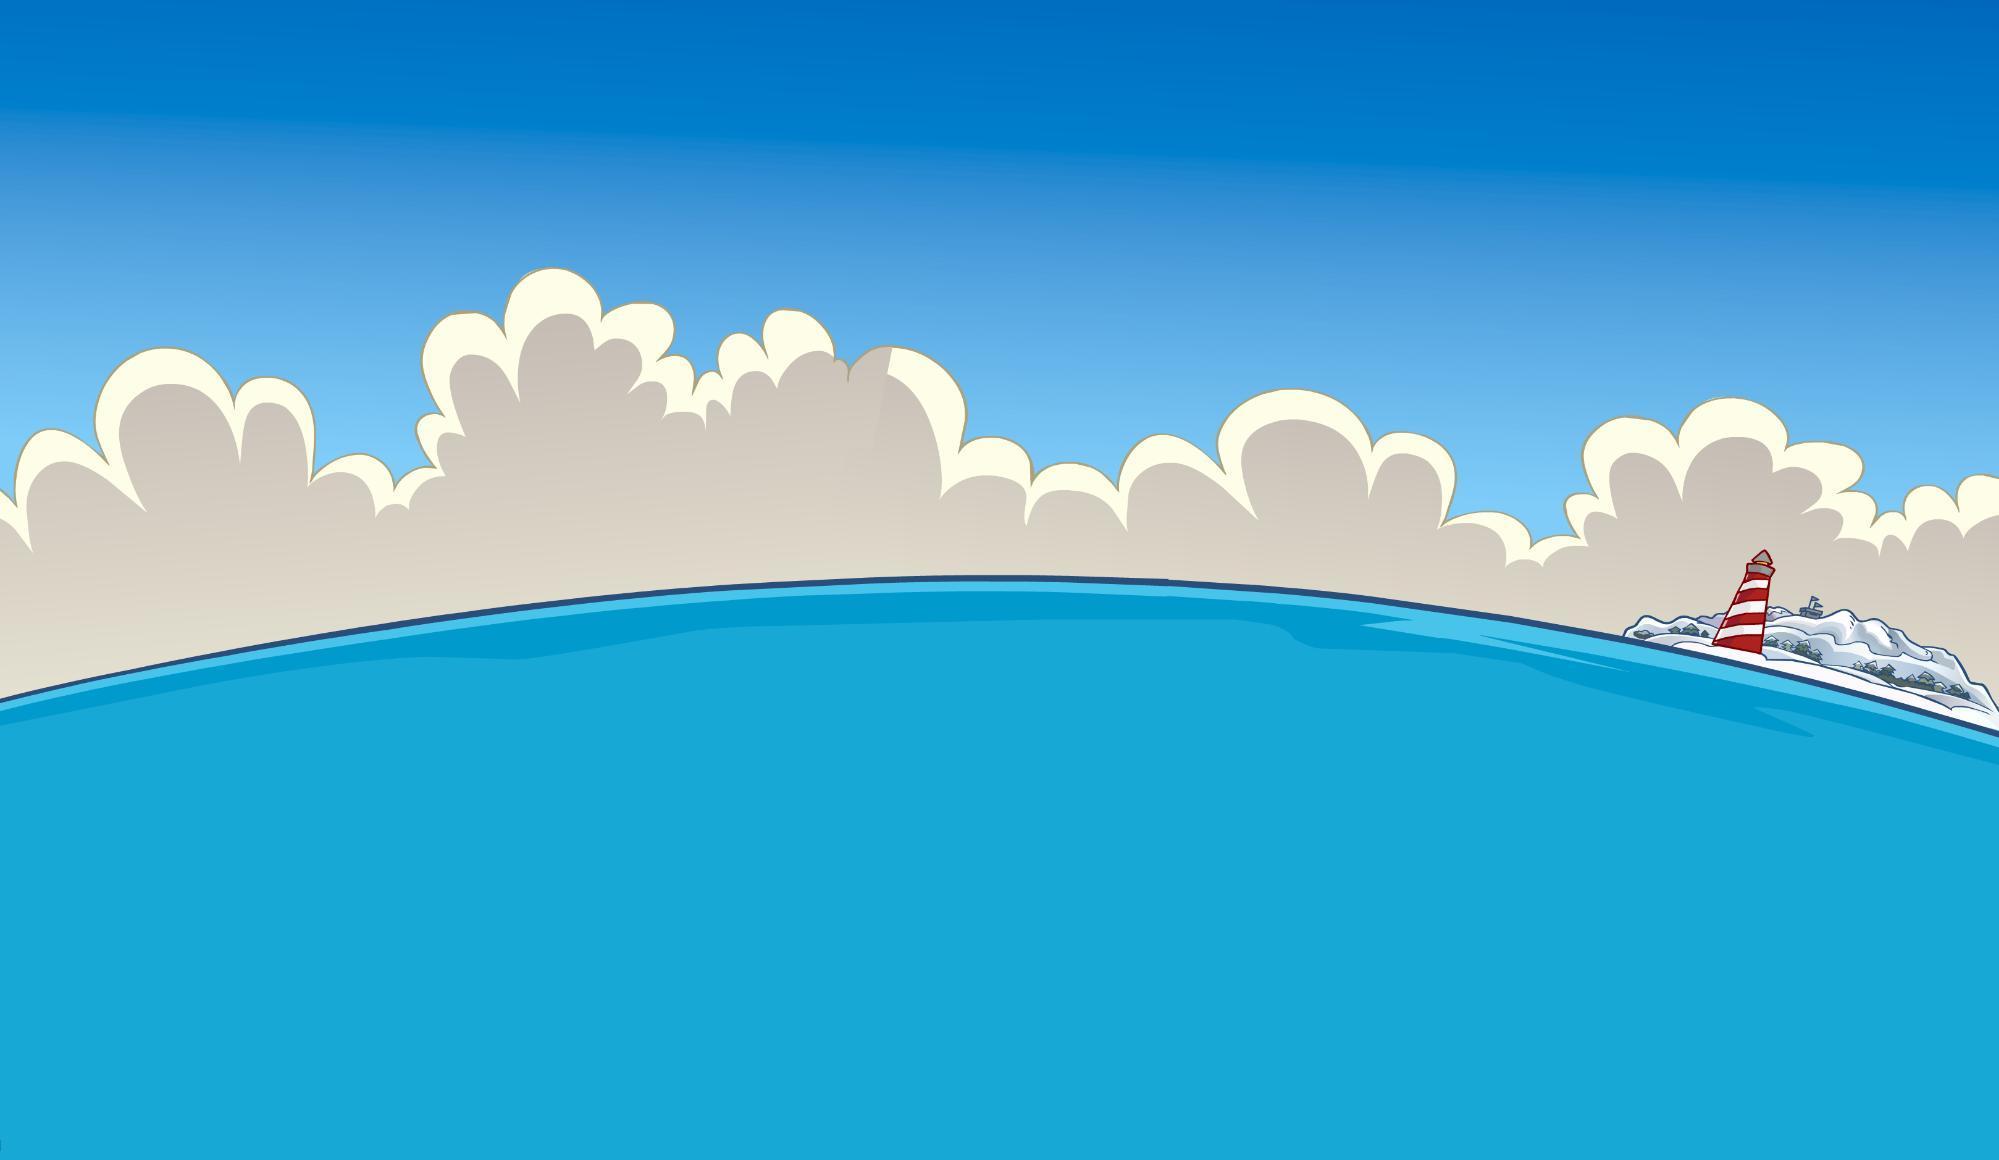 Image   Wiki background Club Penguin Fandom Wiki FANDOM 1999x1160